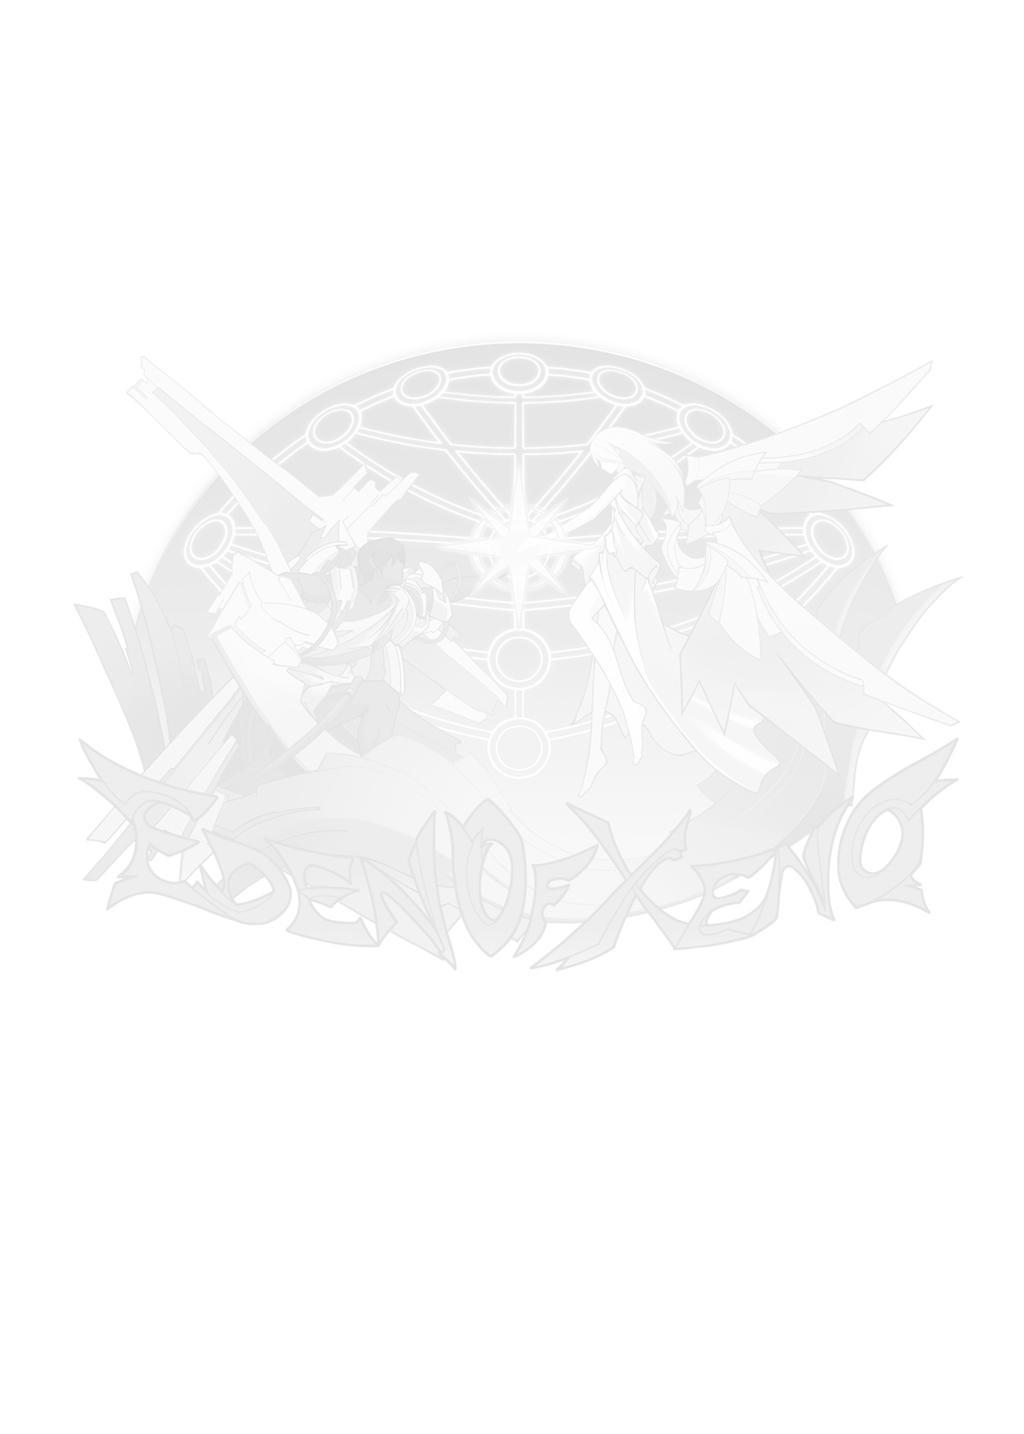 Yakusoku no Sora to Kimigaita Basho 1 ~ 2 68